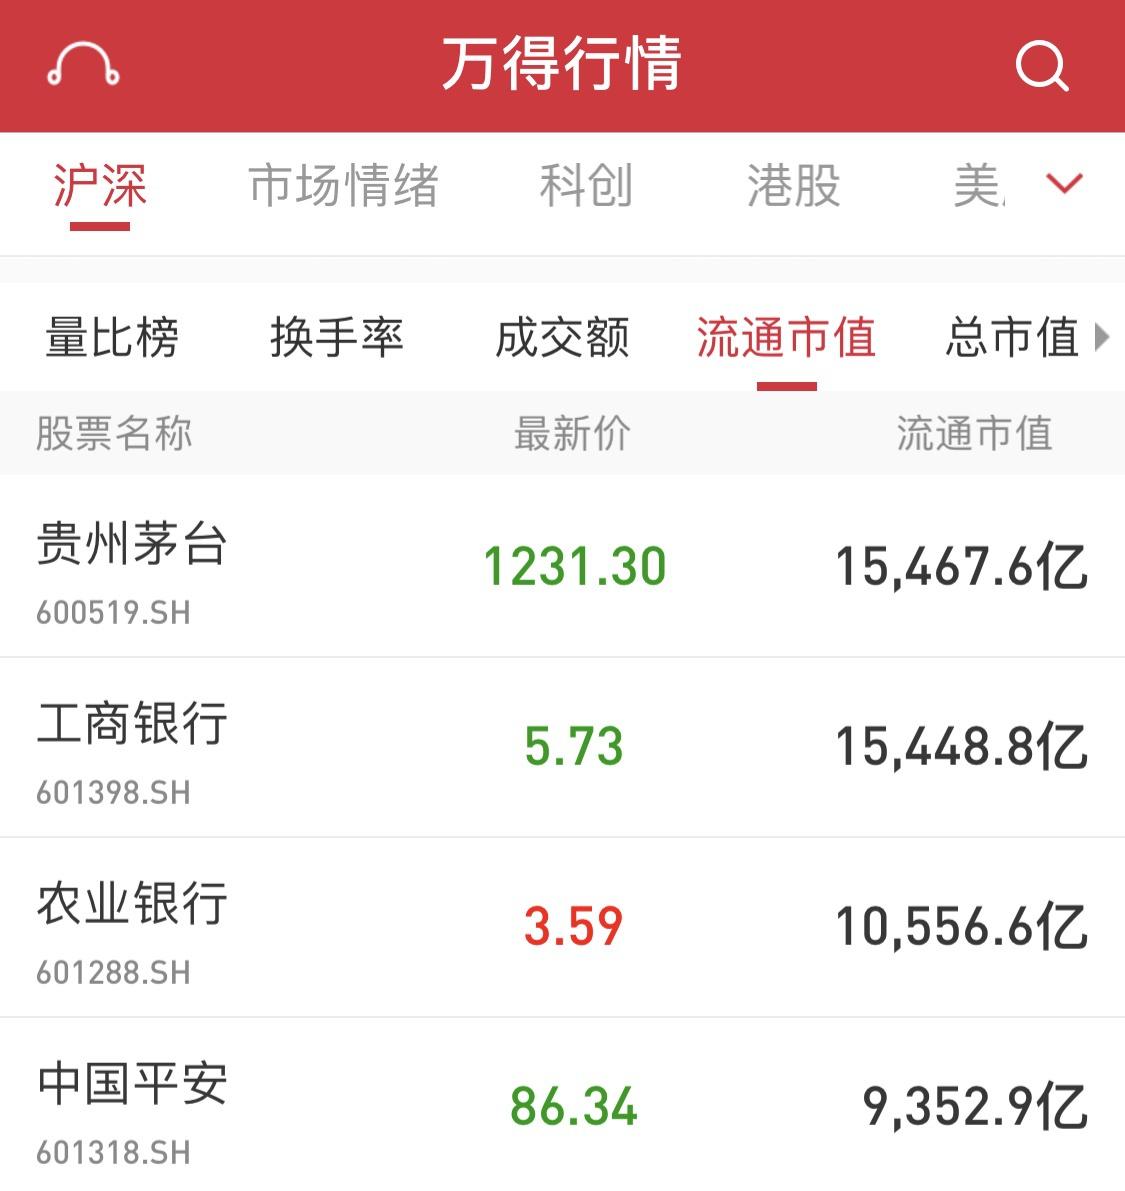 贵州茅台流通市值超工商银行 跃居沪深两市首位